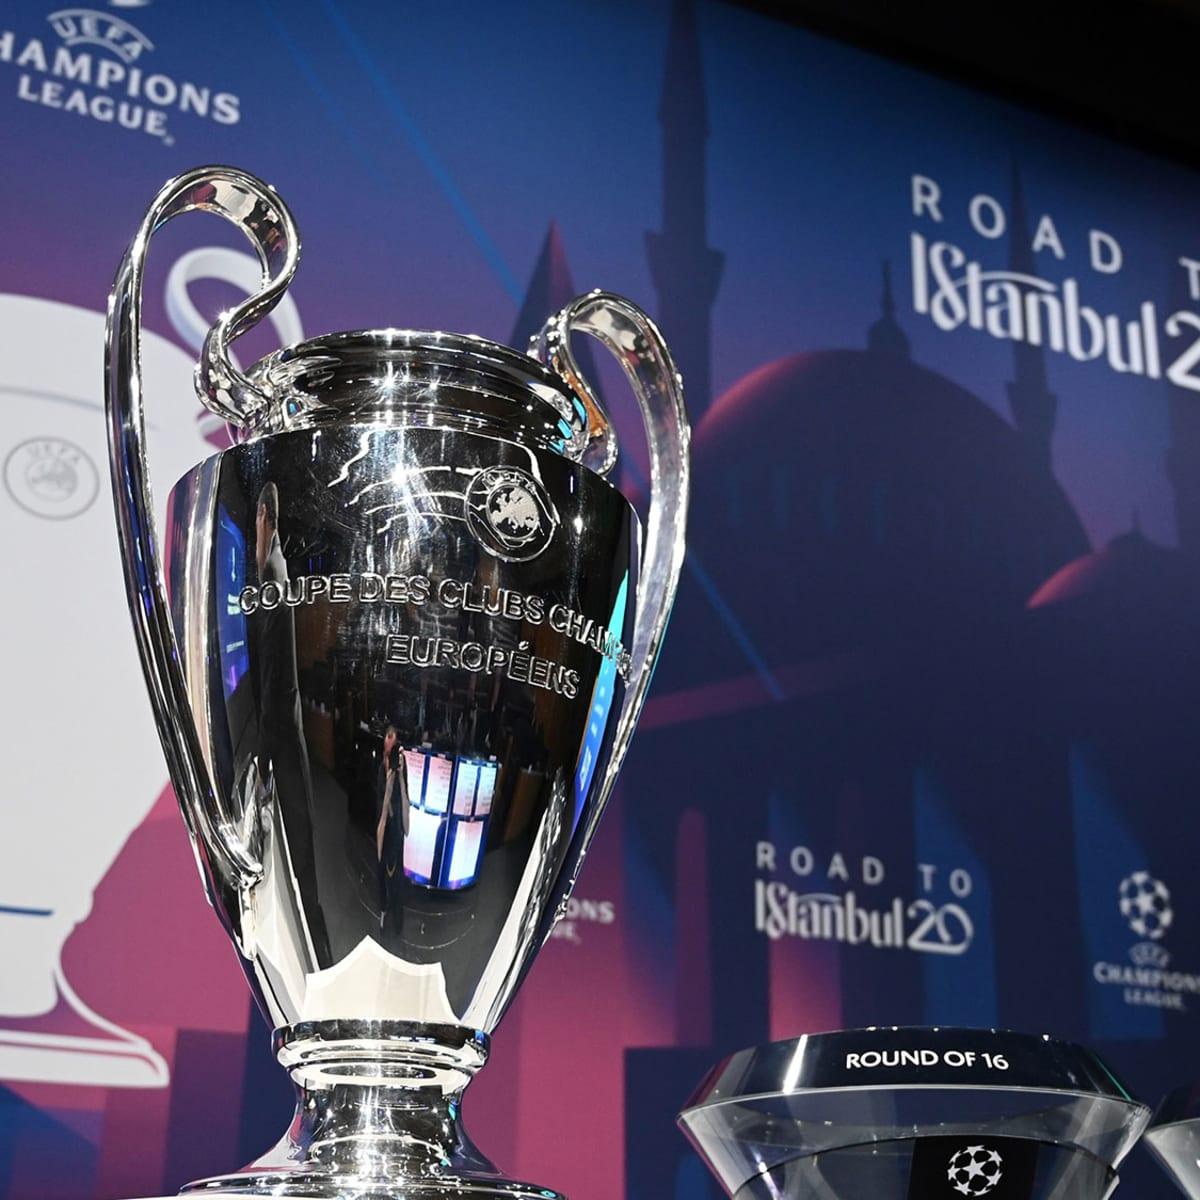 champions-league-final-2020-uefa-august